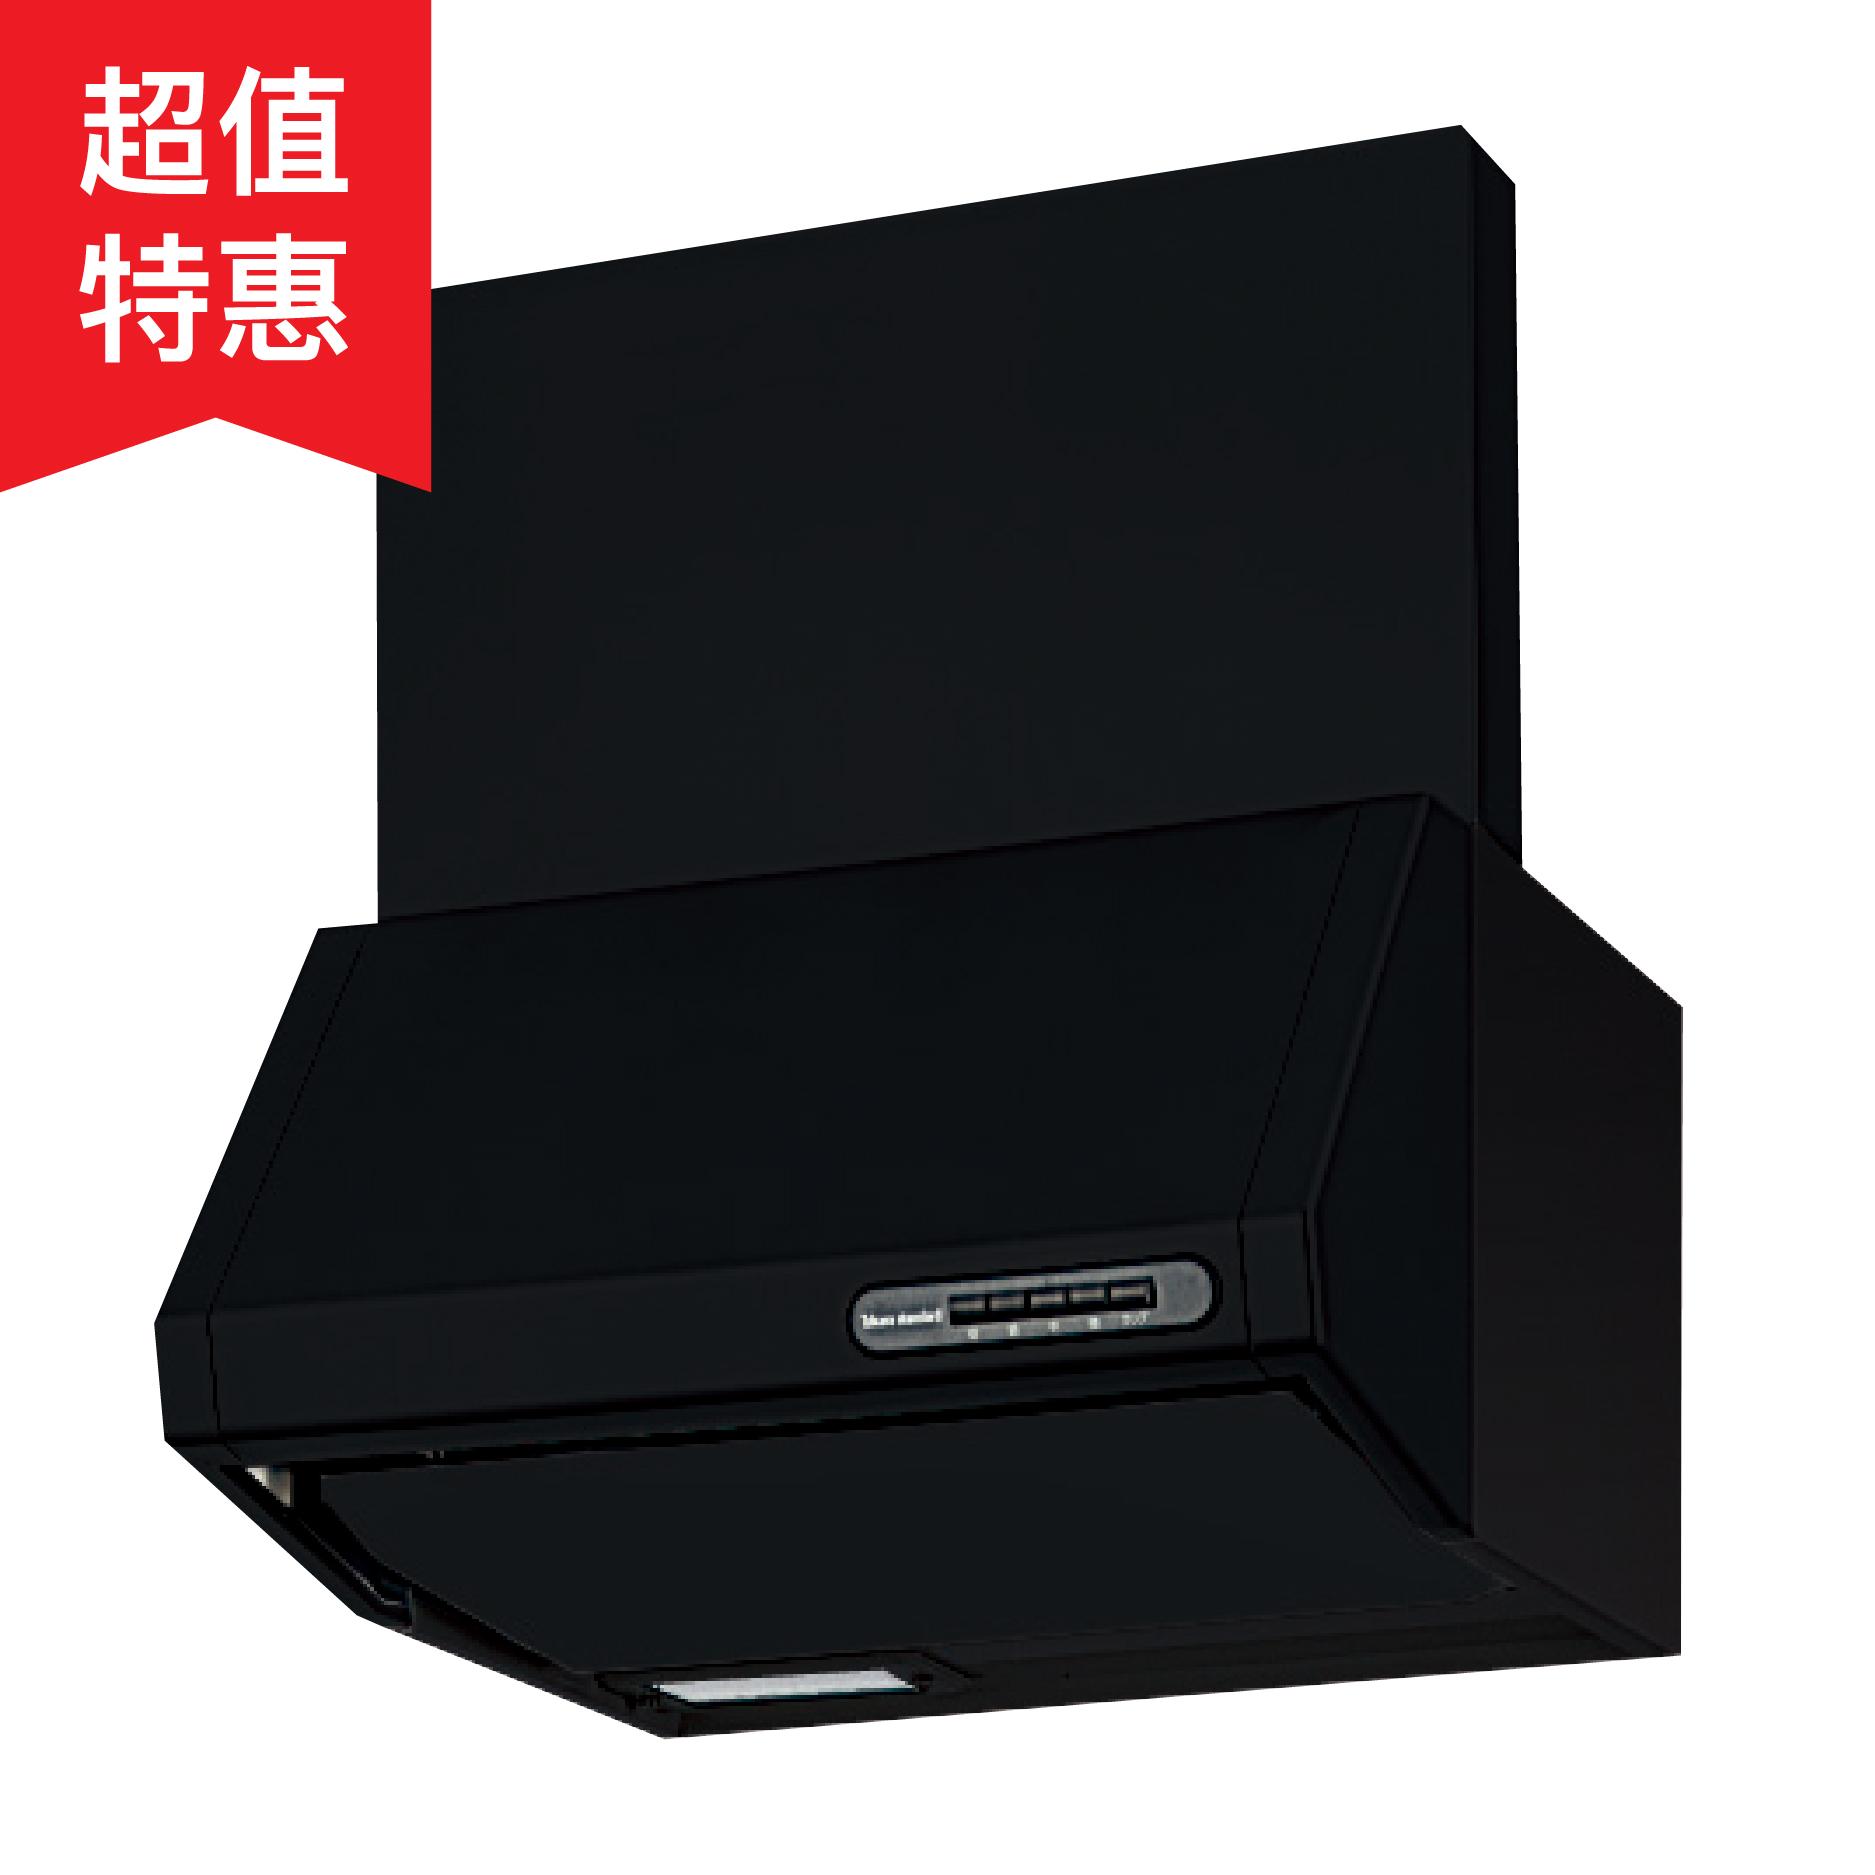 【現貨+預購】日本廚房用家電-Takara Standard 靜音環吸排油煙機【RUS90K】強大吸力,靜音除味,保持居家空氣清新